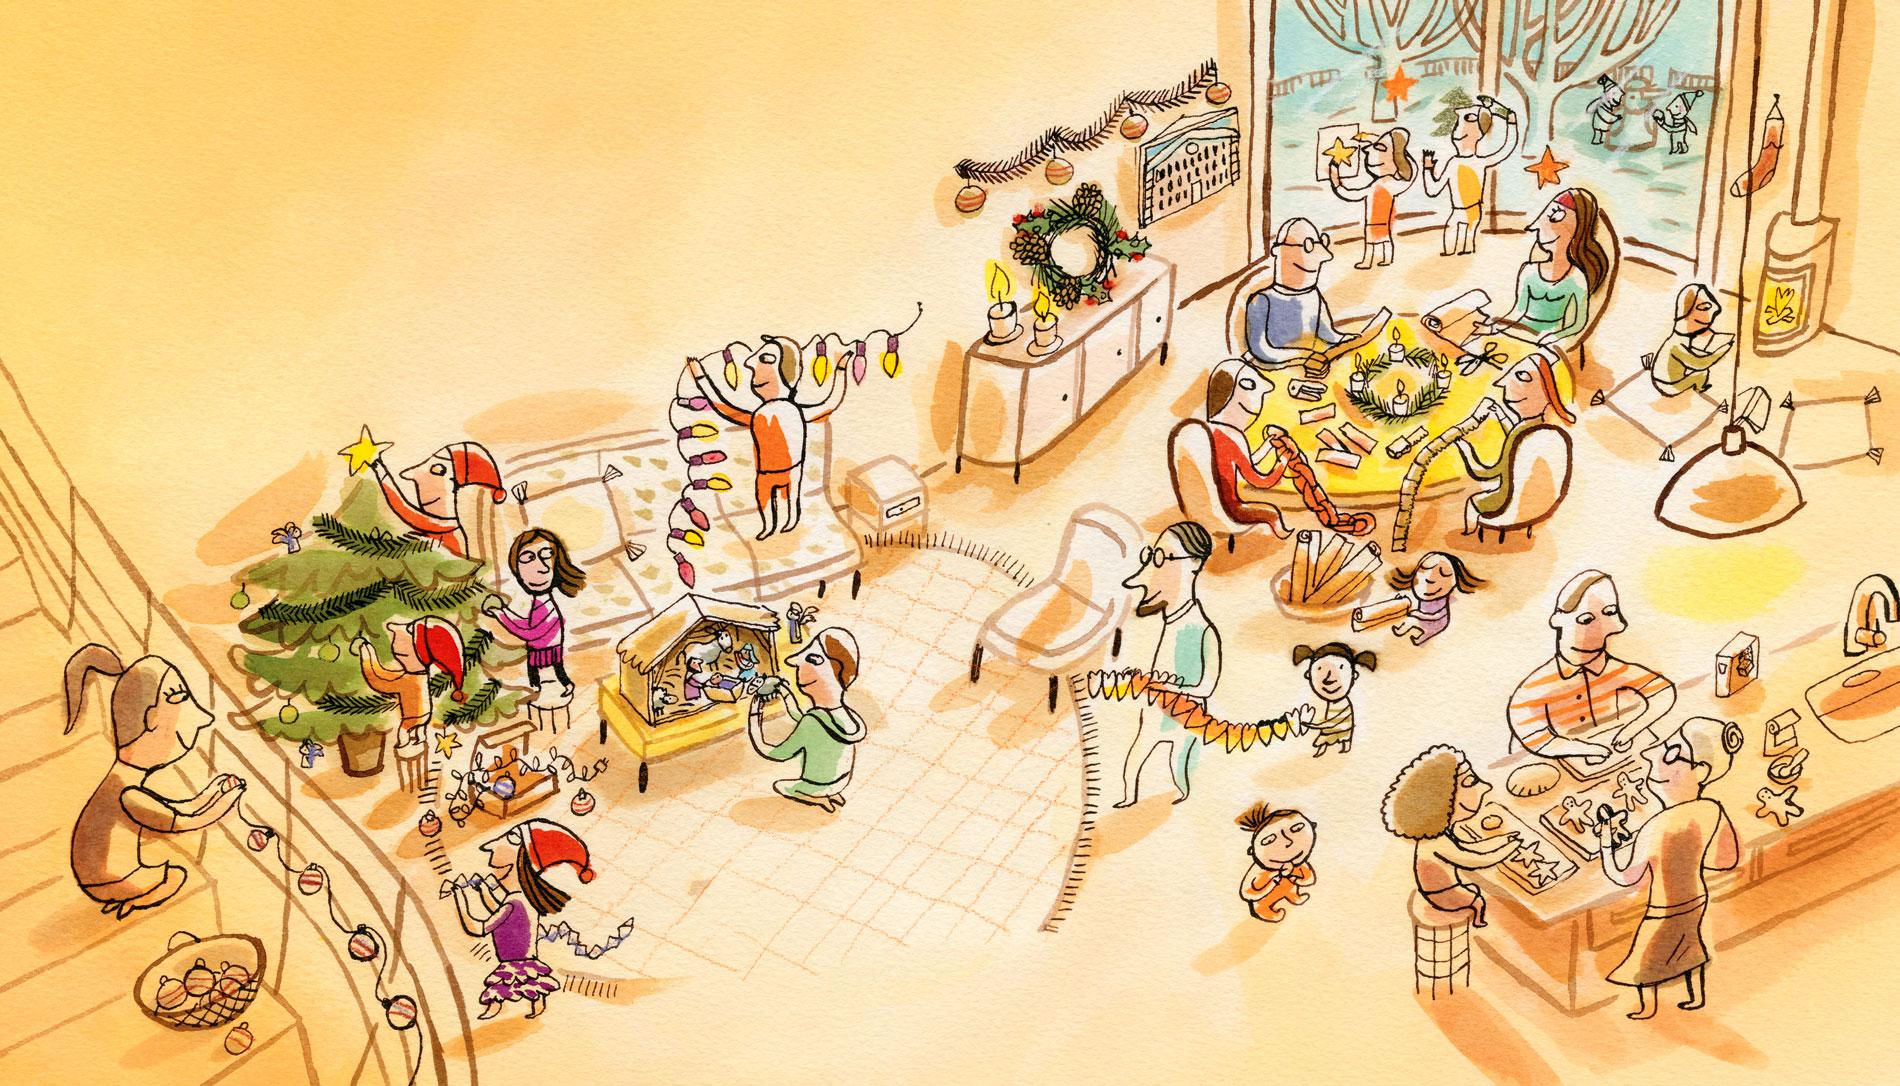 Illustration pour le magazine Pomme d'api Soleil édité par Bayard Presse